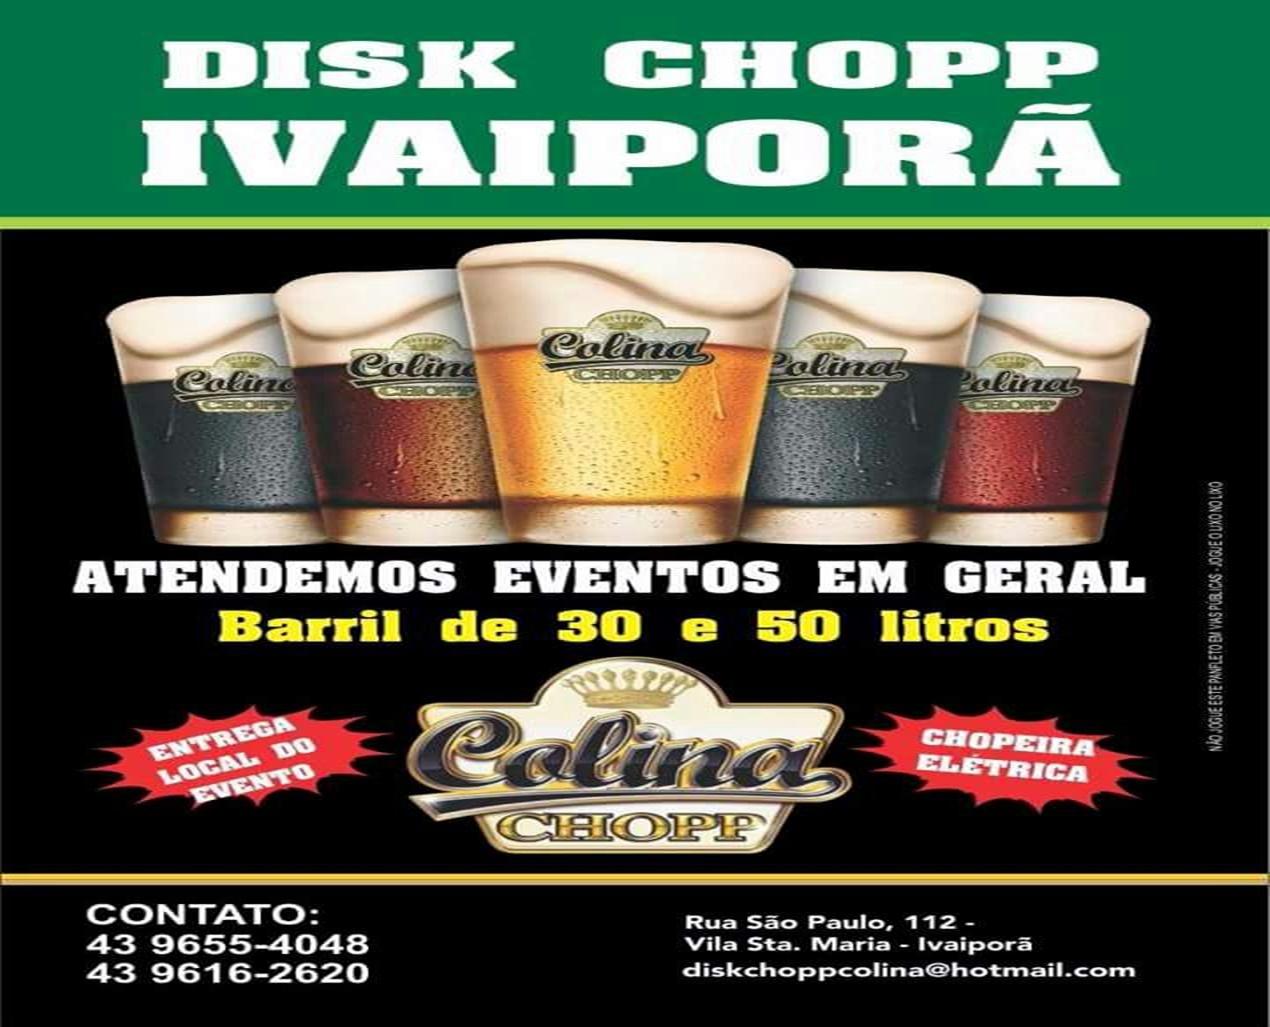 DISK CHOPP IVAIPORÃ E REGIÃO